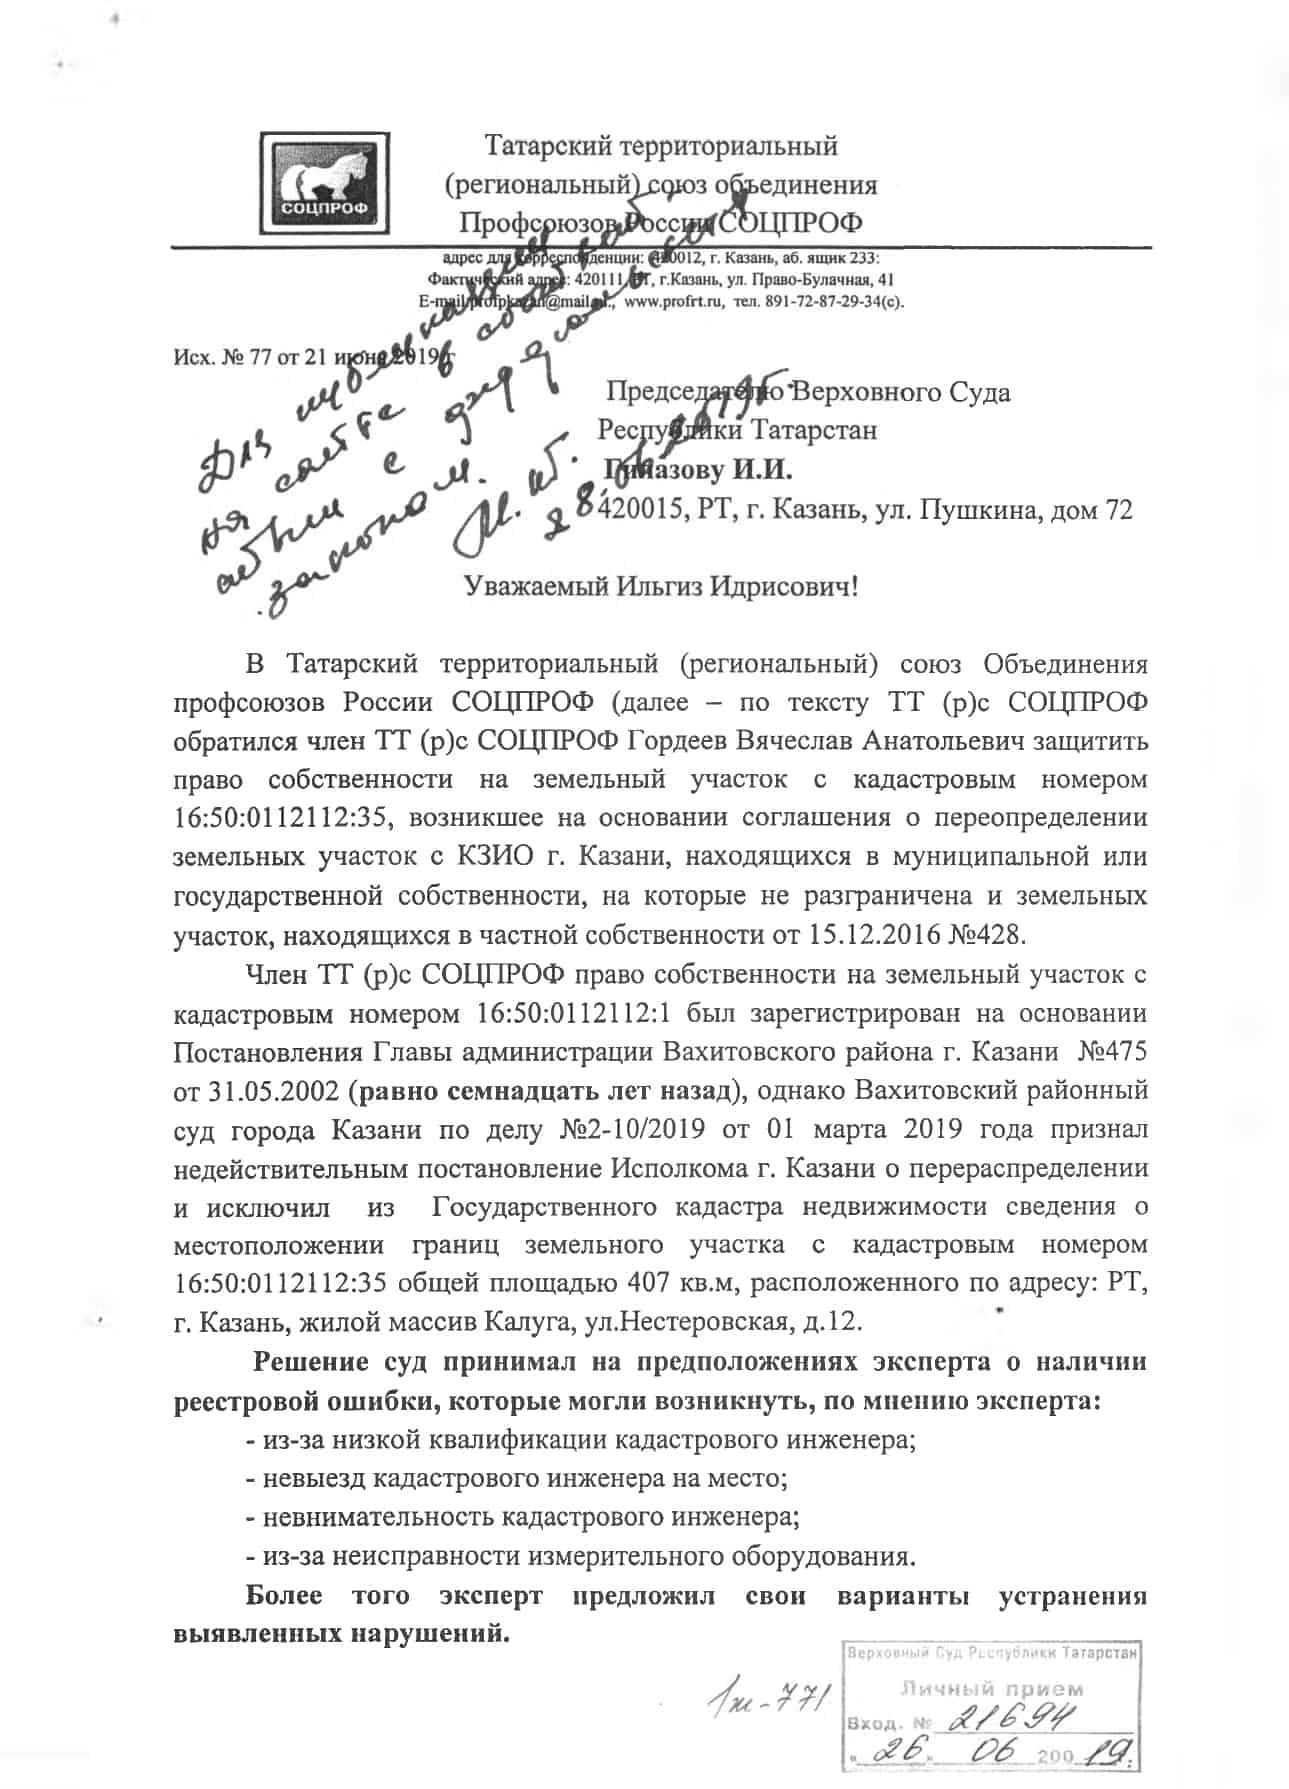 Пример обращения в Верховный Суд Татарстана